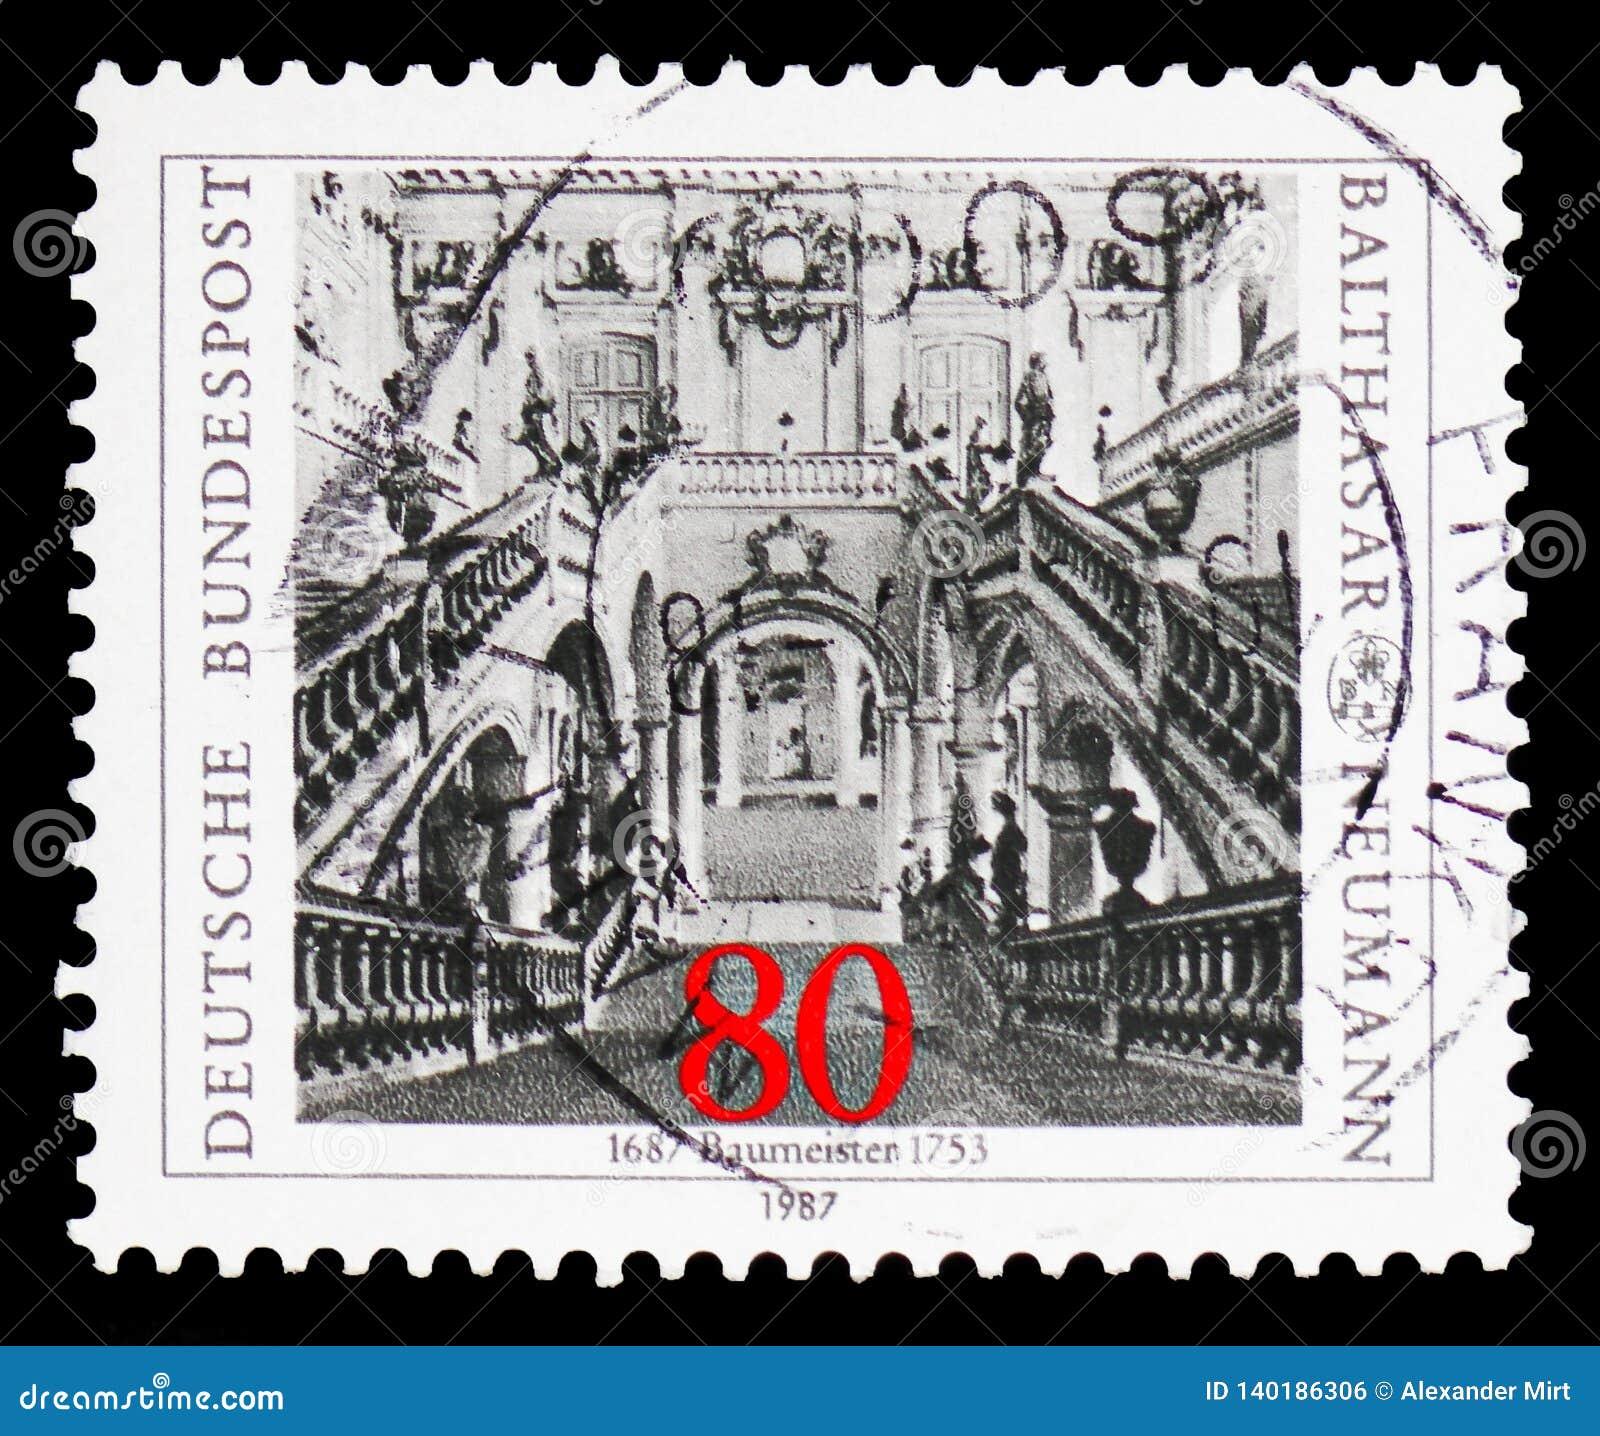 Neumann, Balthazar, 300. Geburts-Jahrestag serie, circa 1987